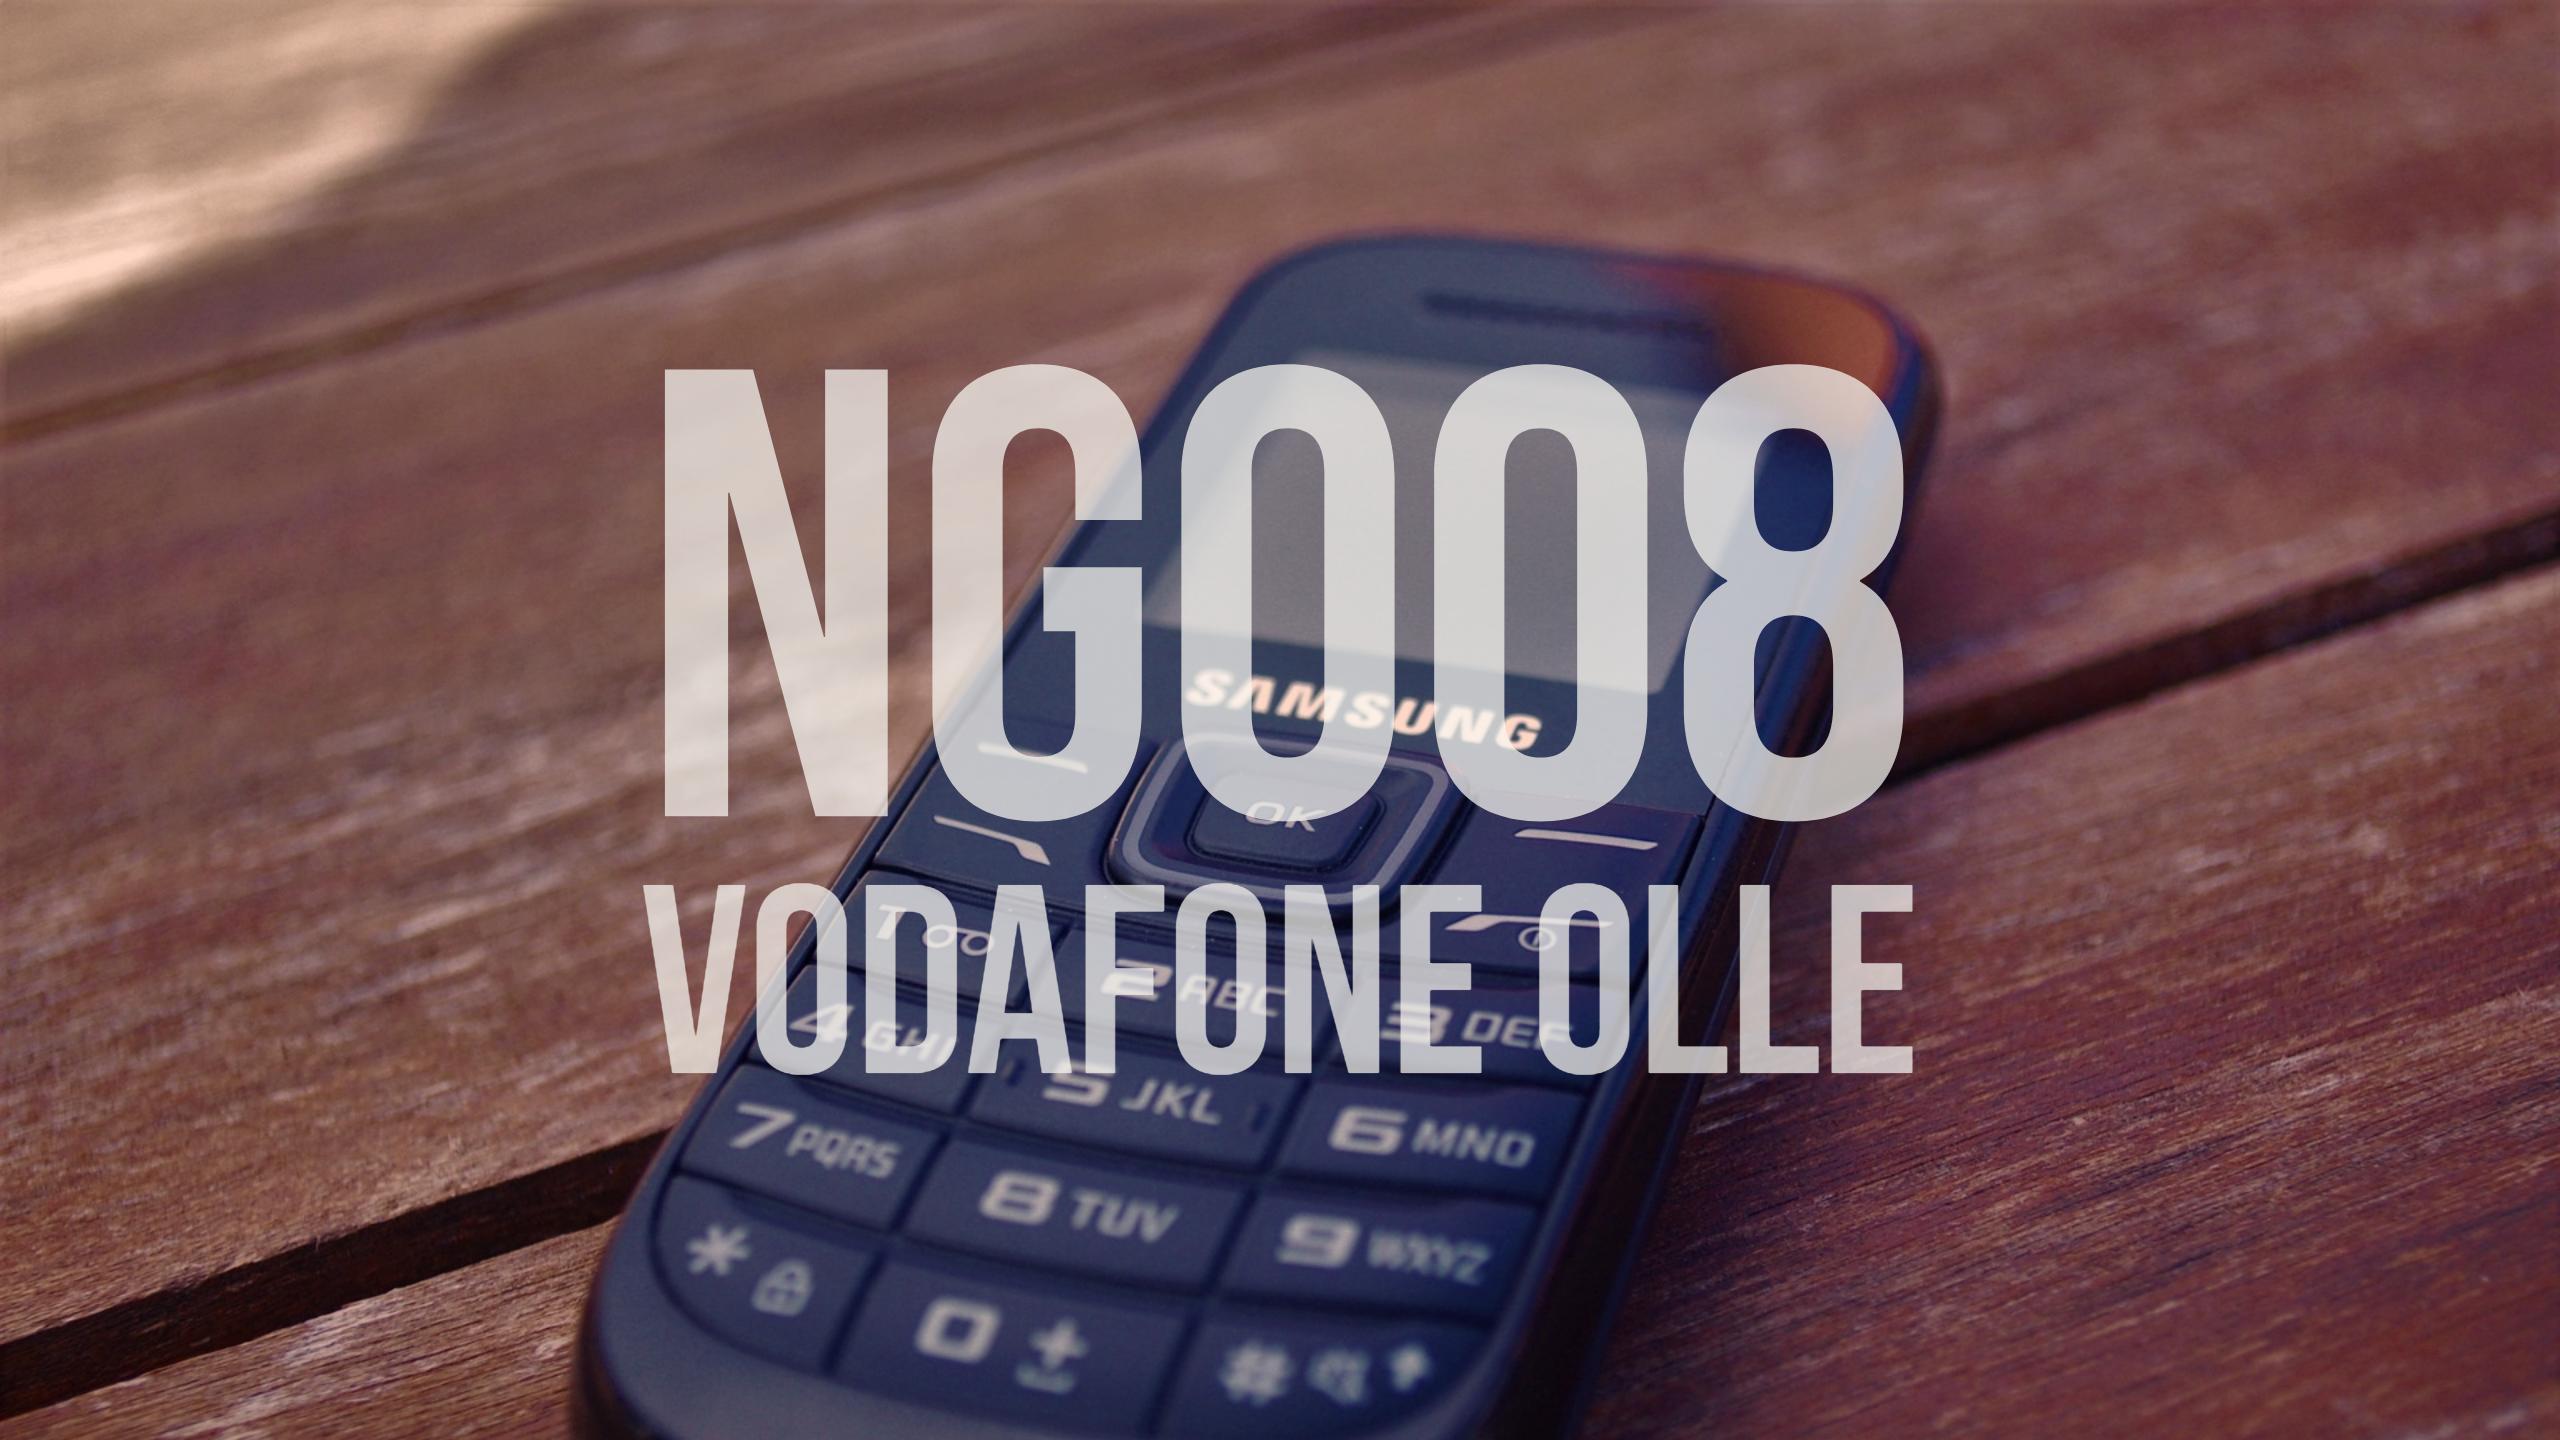 NG008 Vodafone Olle